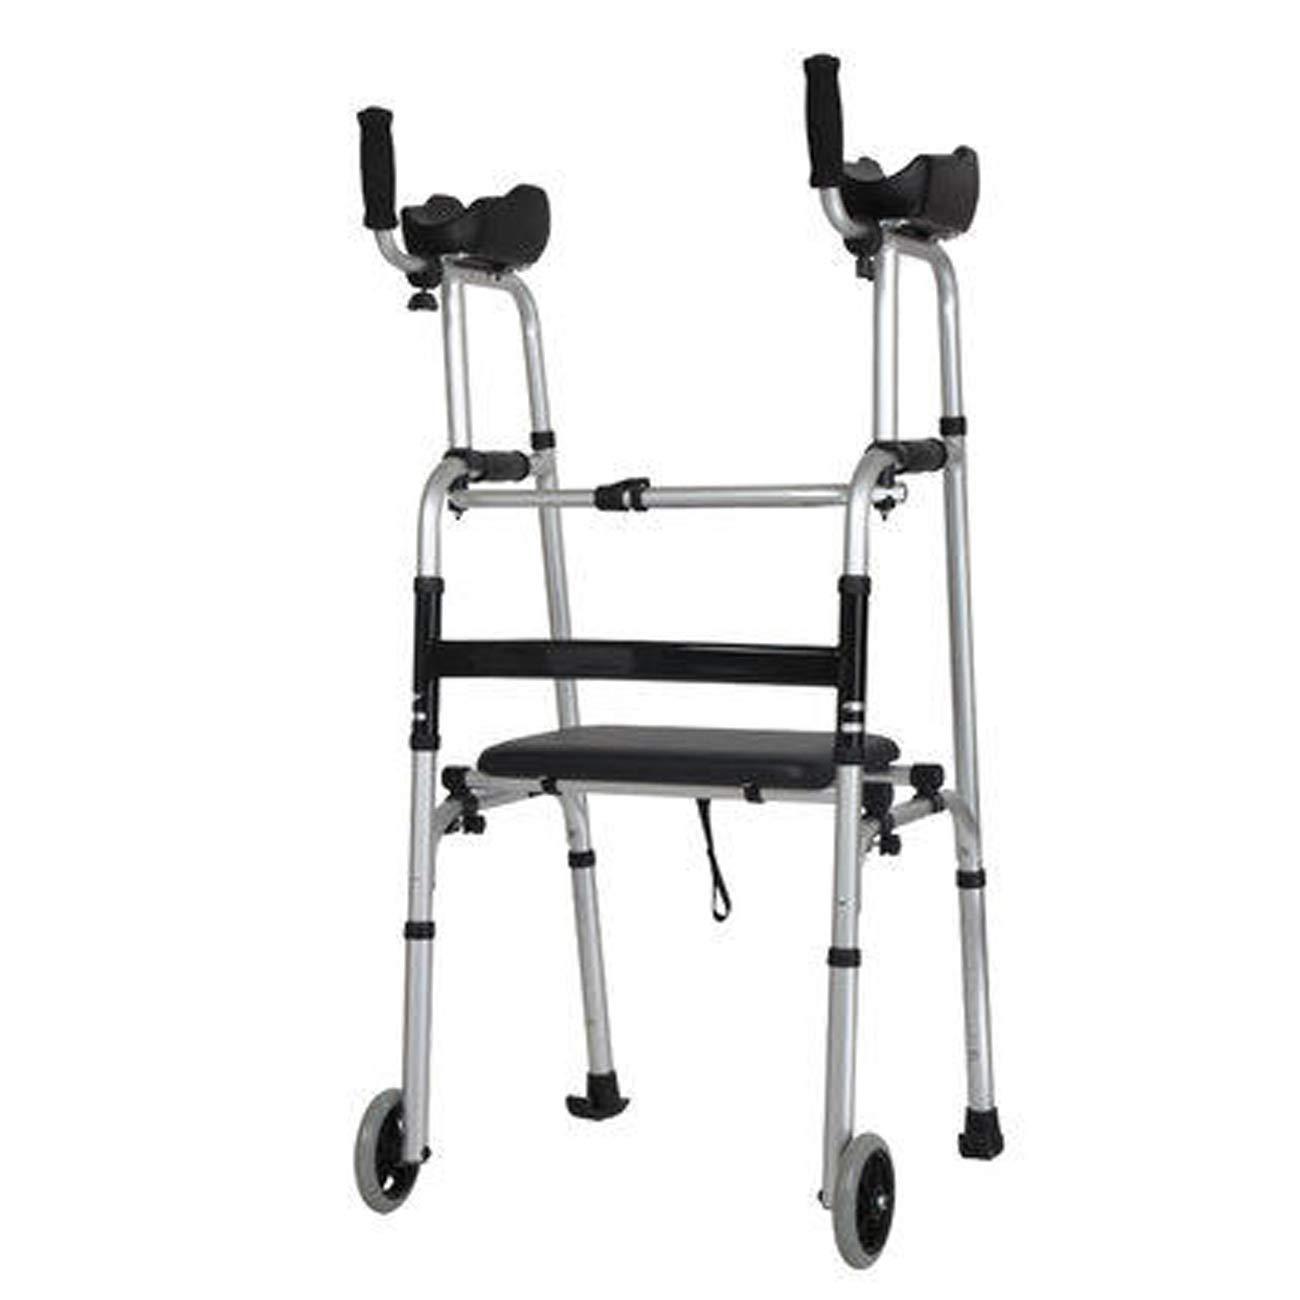 大好き 高齢者の歩行器、アルミ合金構造 B07L4P8WD3、腕のタイプの歩行の歩行器、2キャスターの席の助けられた歩行者を運ぶ、マルチスタイルオプション (設計 : B (設計 B) B B07L4P8WD3, アイ ショップ ホクト:66ca7635 --- a0267596.xsph.ru